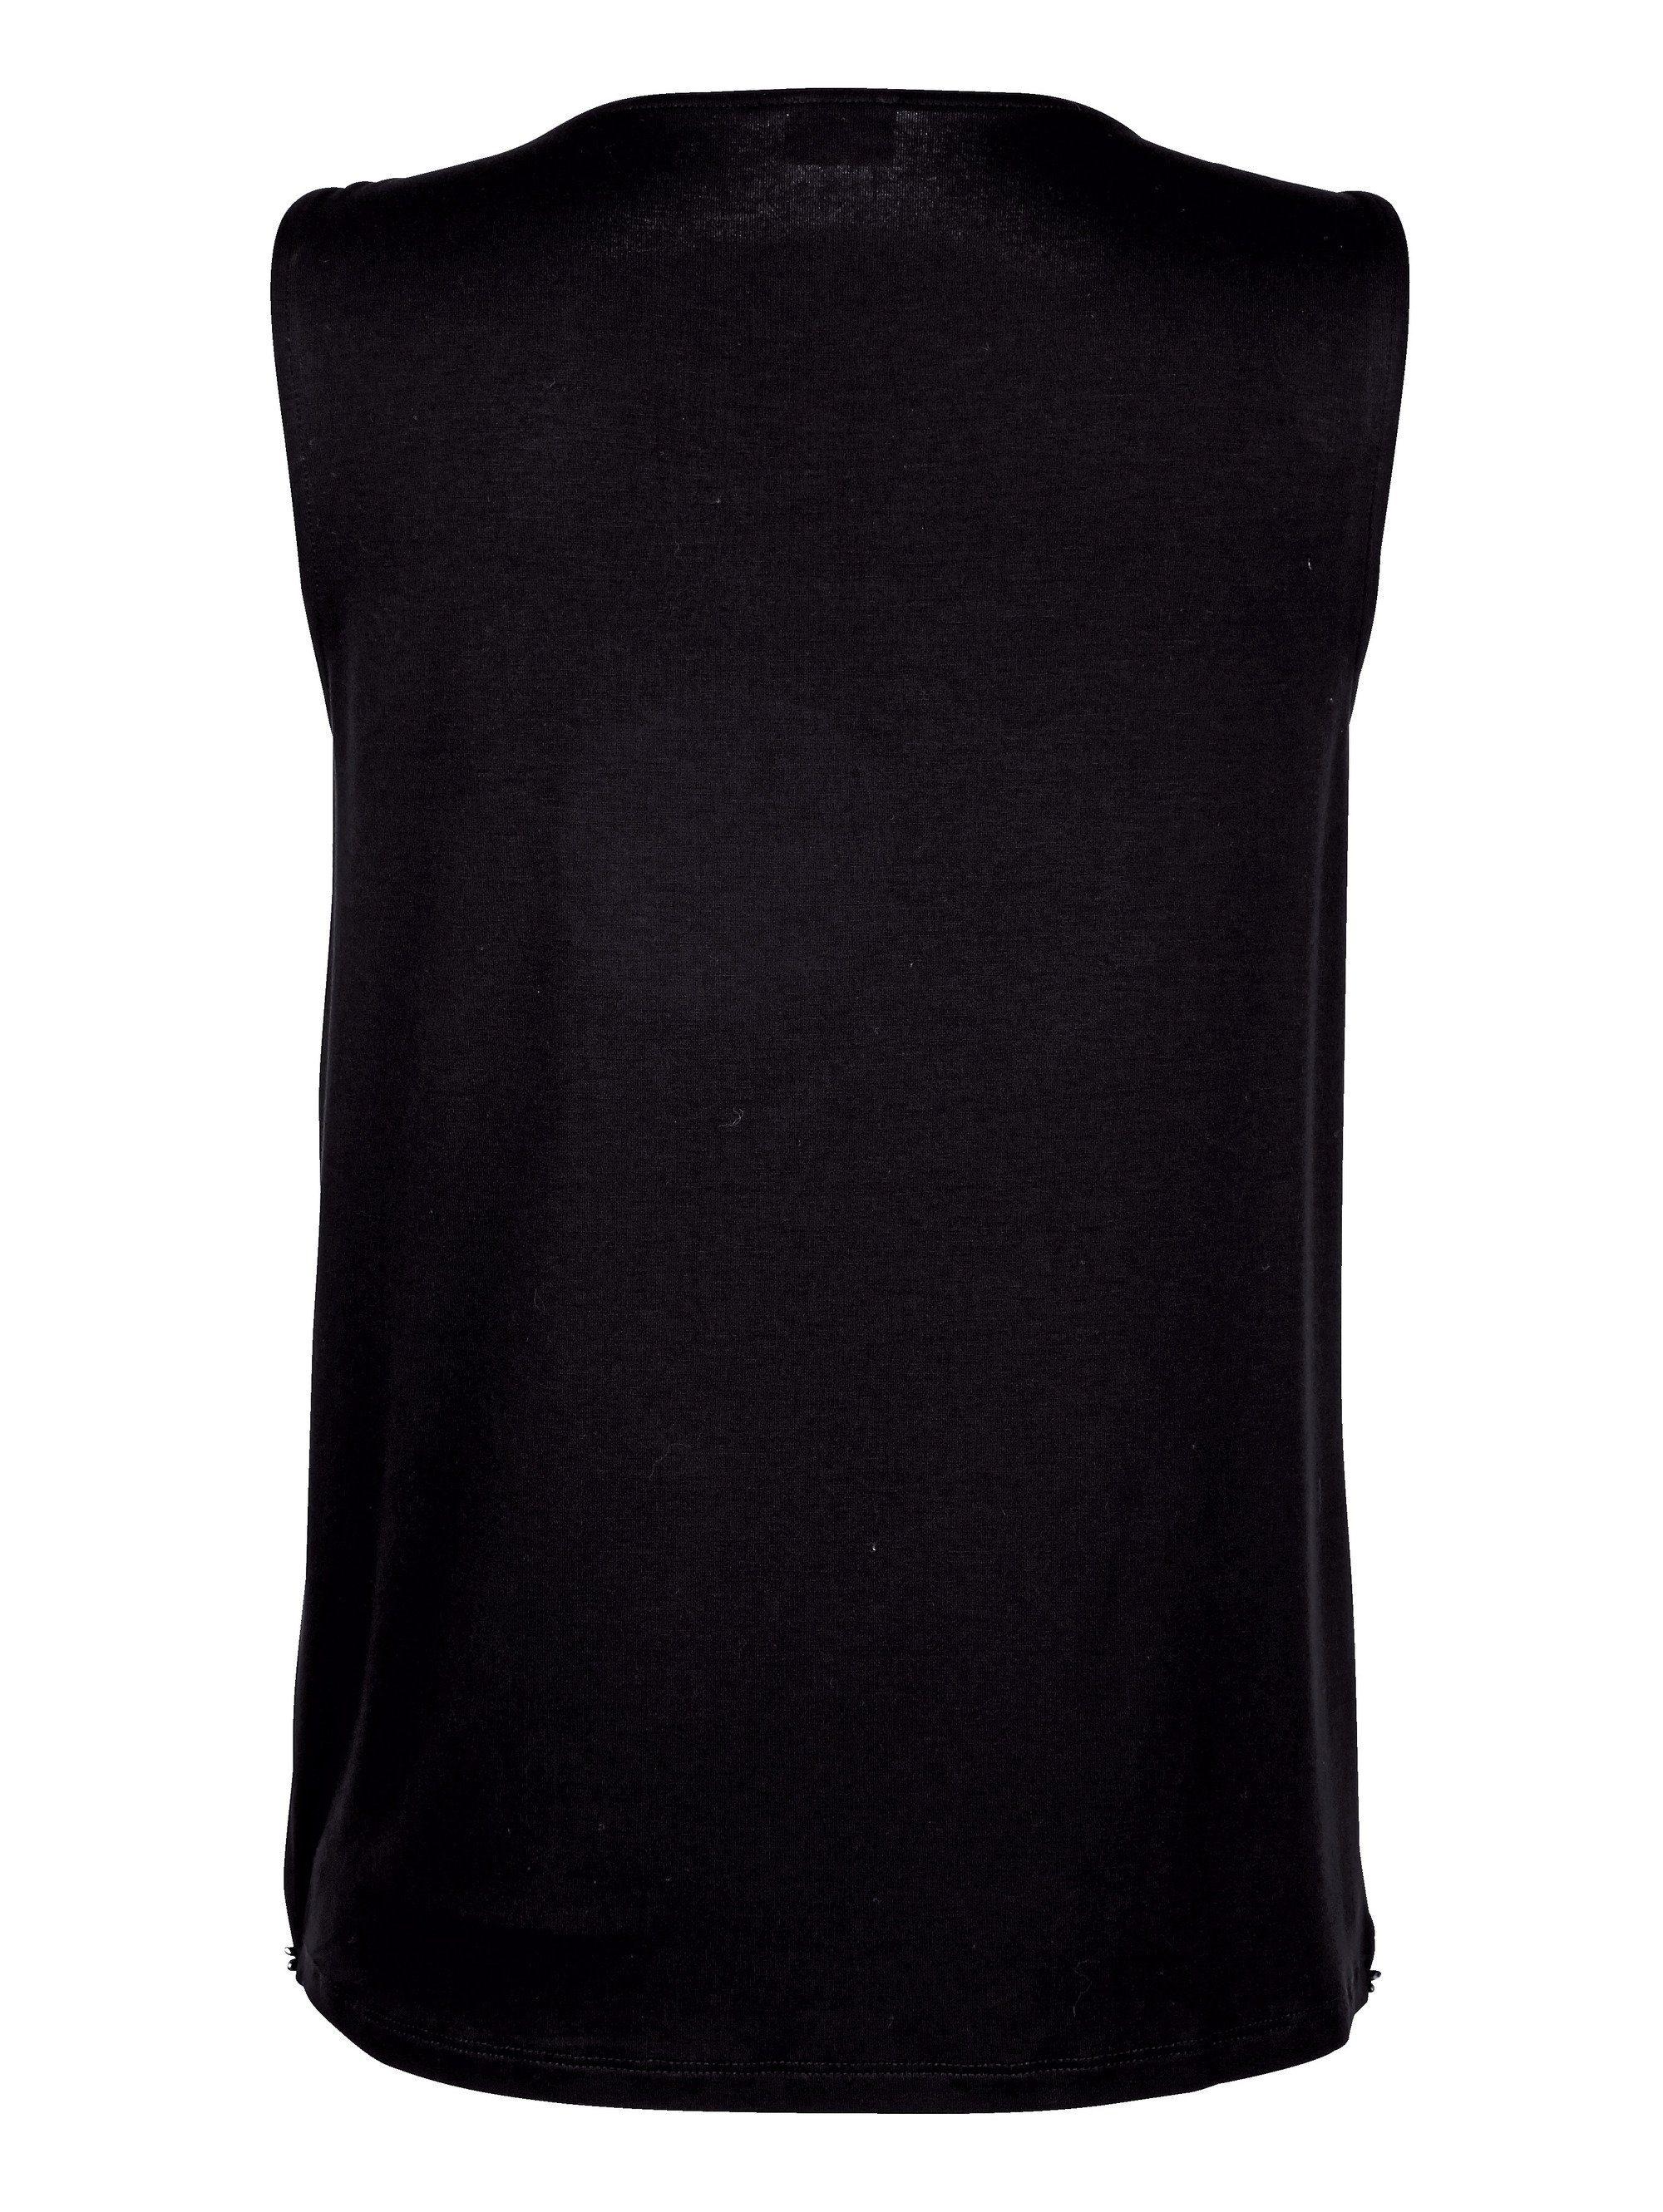 Alba Moda Lagentop mit dezenter Strass-Verzierung   Bekleidung > Tops > 2-in-1-Tops   Schwarz   Chiffon - Polyester - Jersey - Viskose   Alba Moda